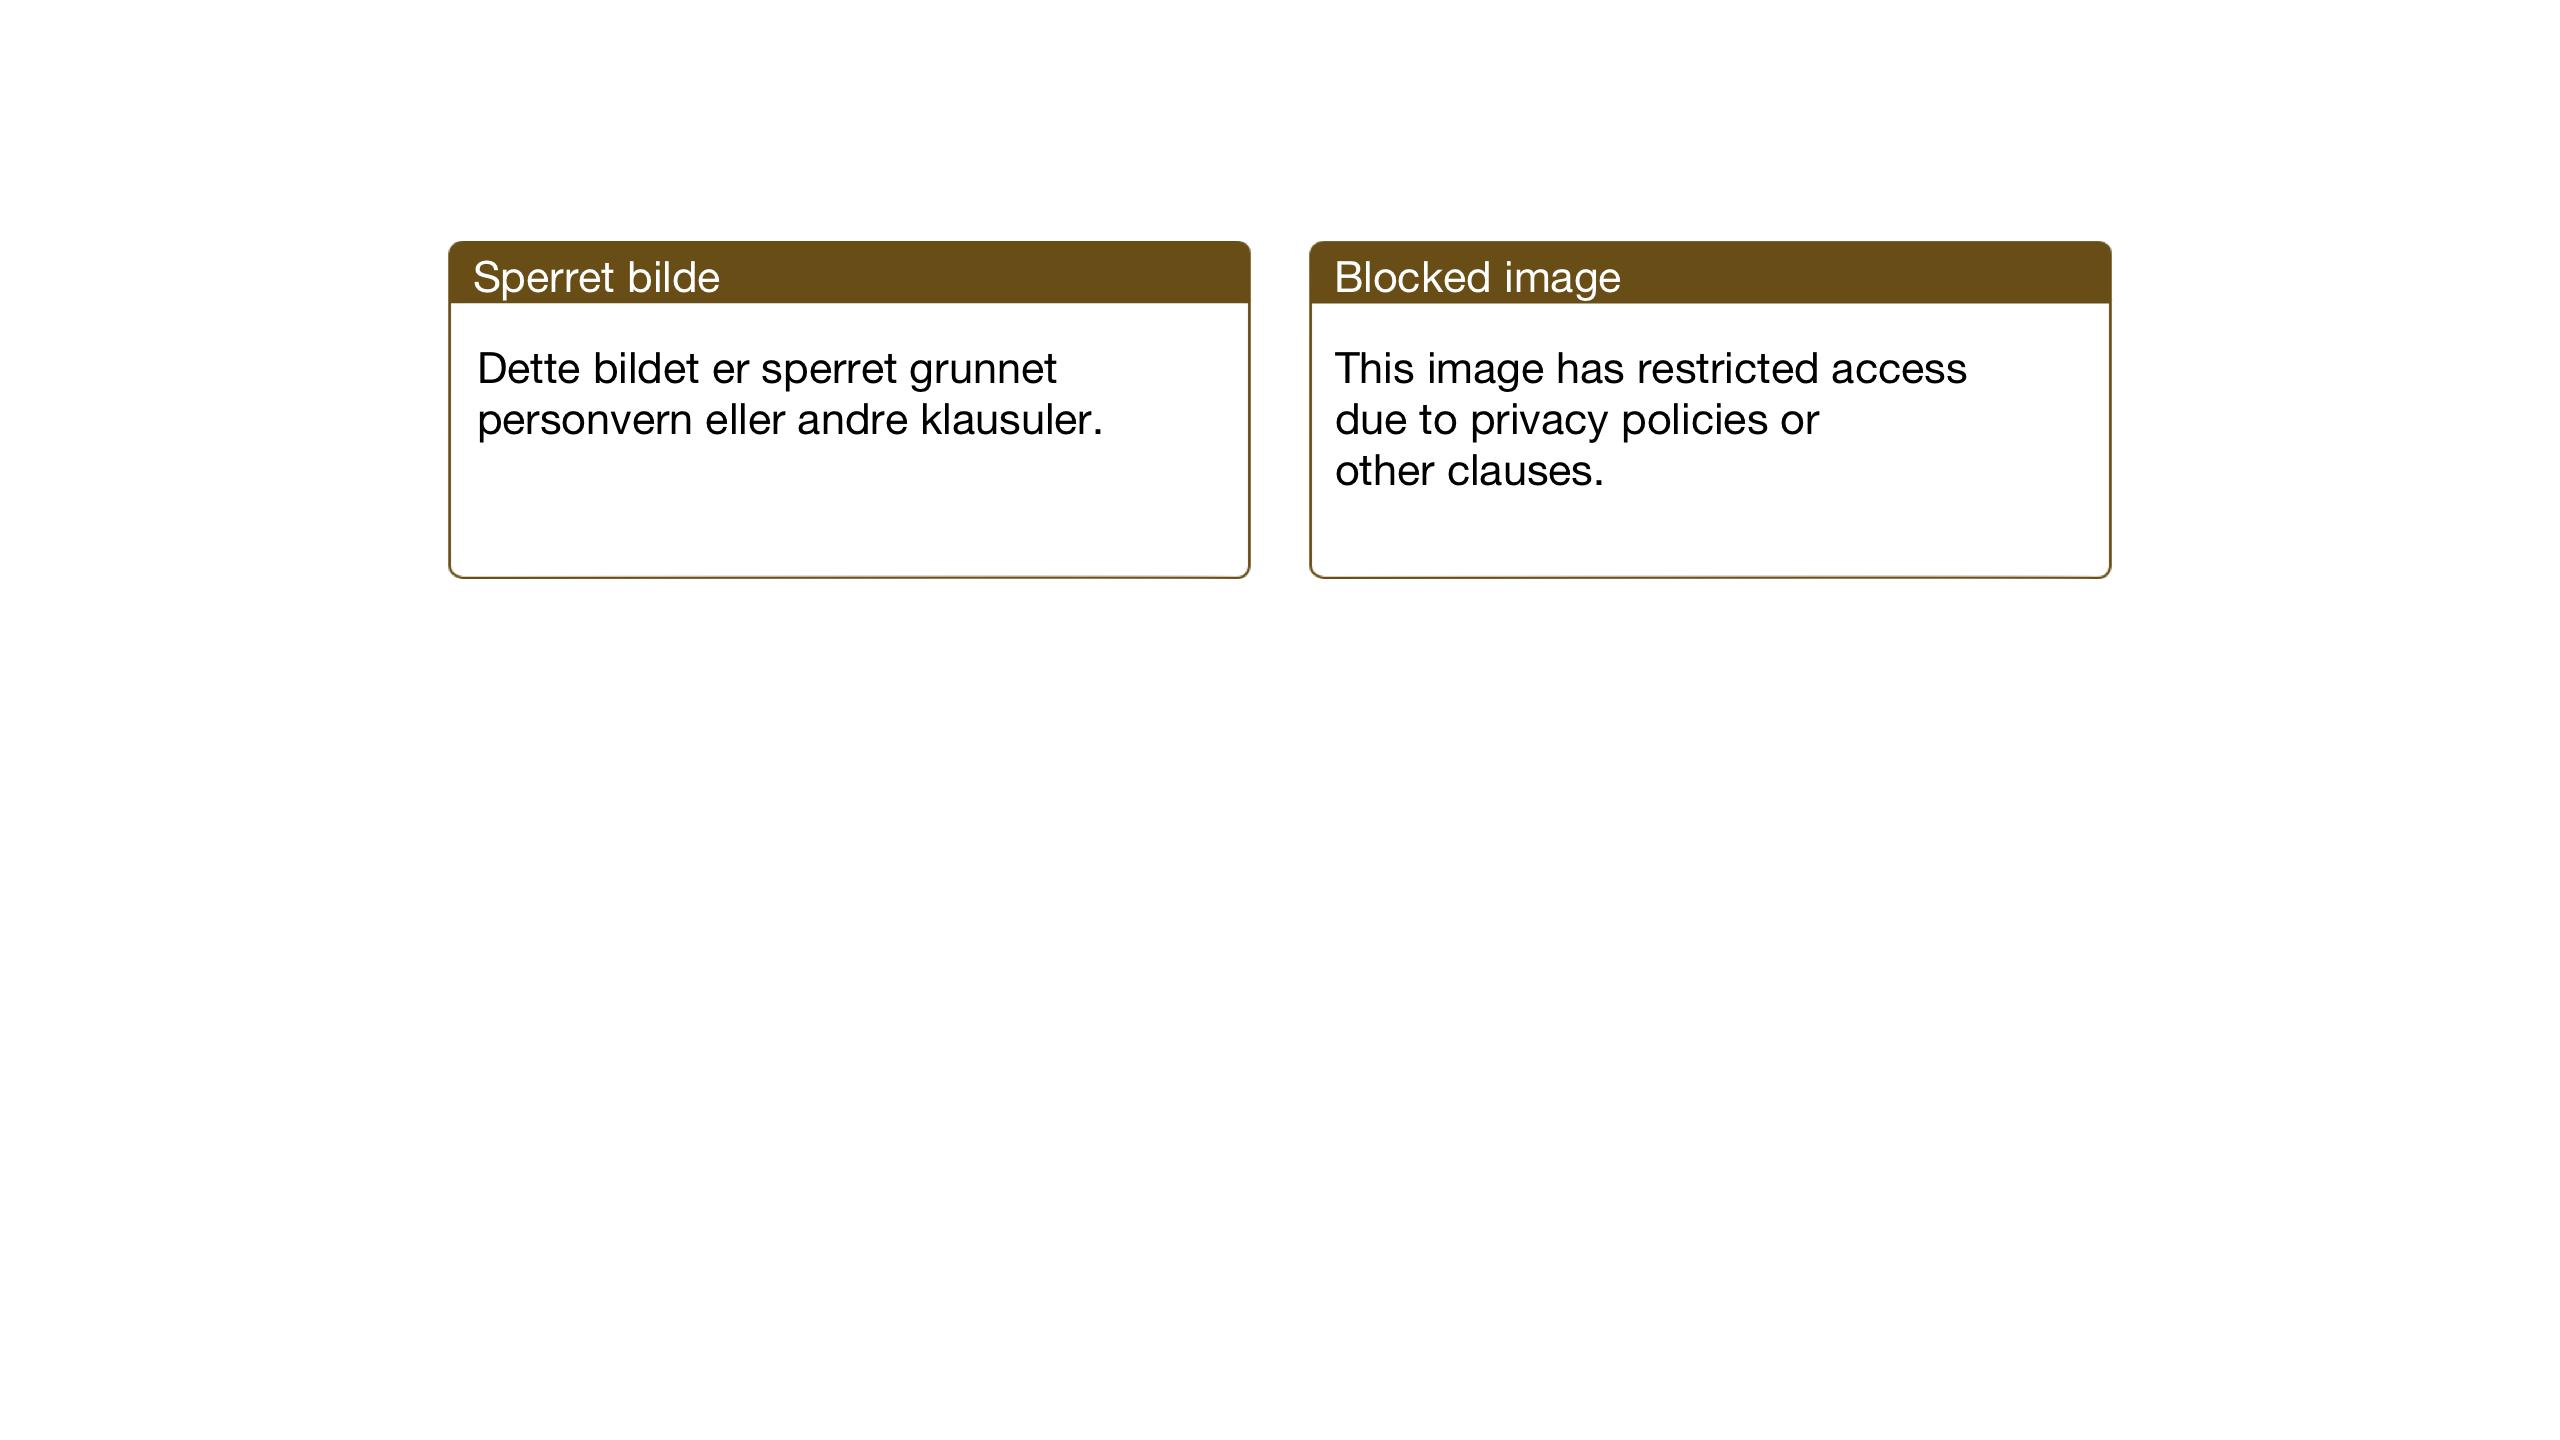 SAT, Ministerialprotokoller, klokkerbøker og fødselsregistre - Sør-Trøndelag, 637/L0563: Klokkerbok nr. 637C04, 1899-1940, s. 80